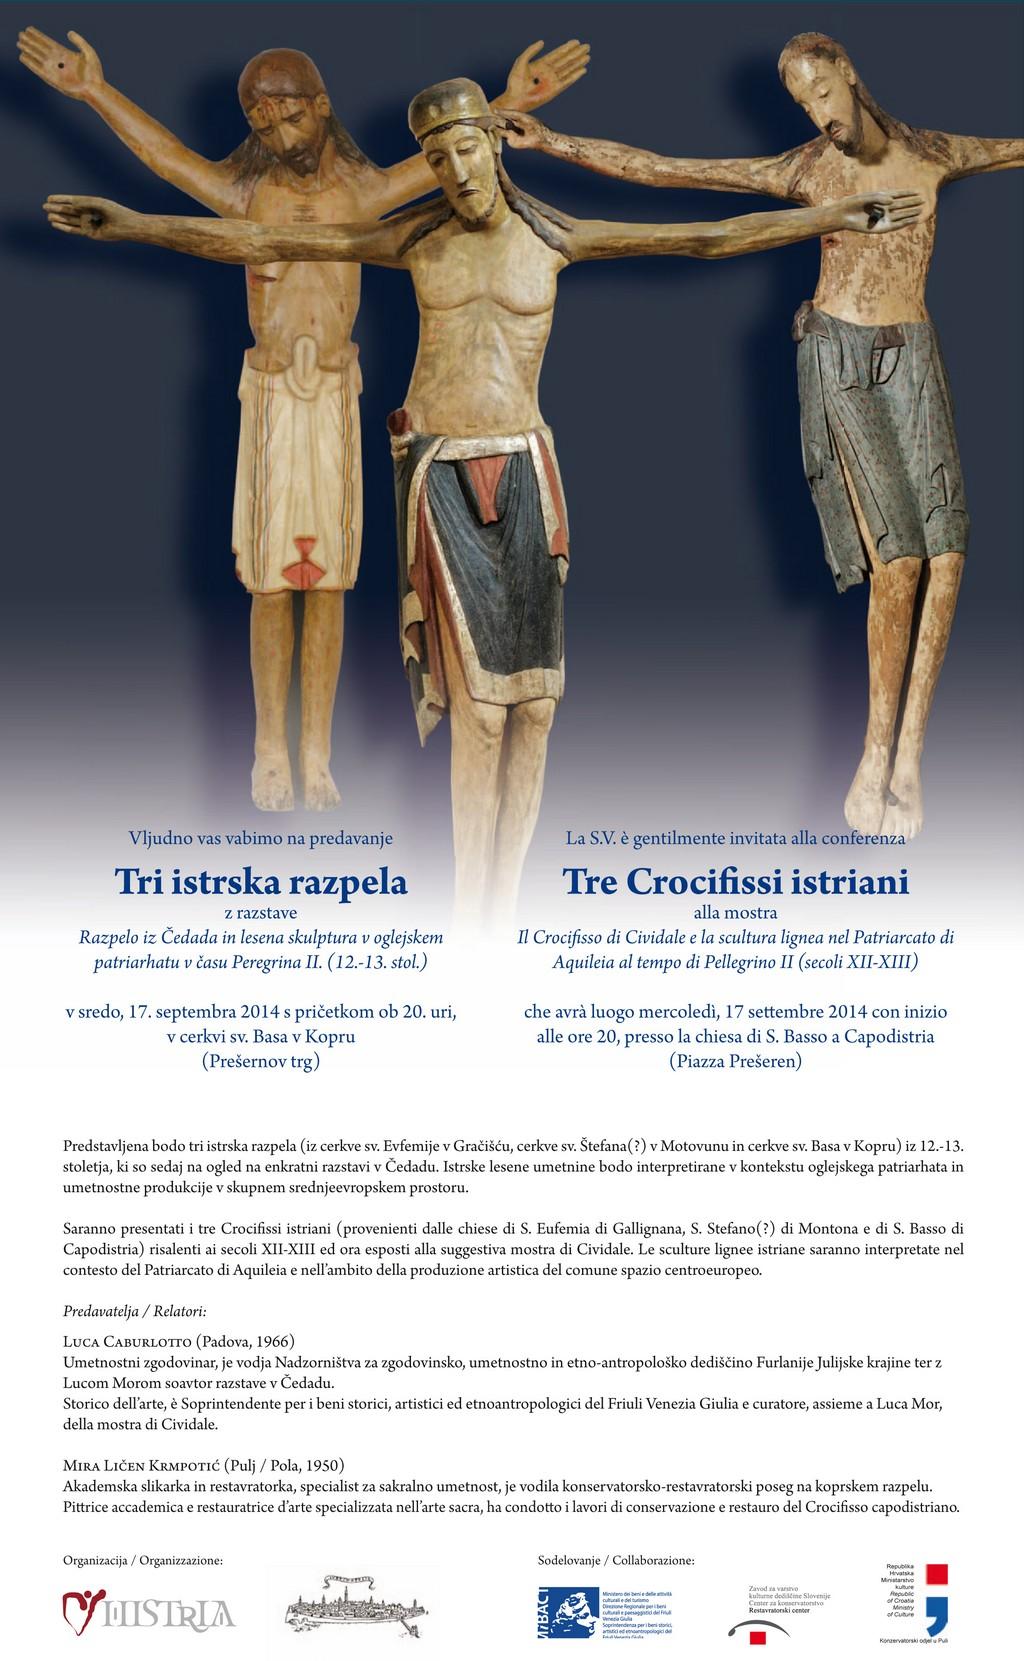 invito-crocifissi_vabilo-razpela